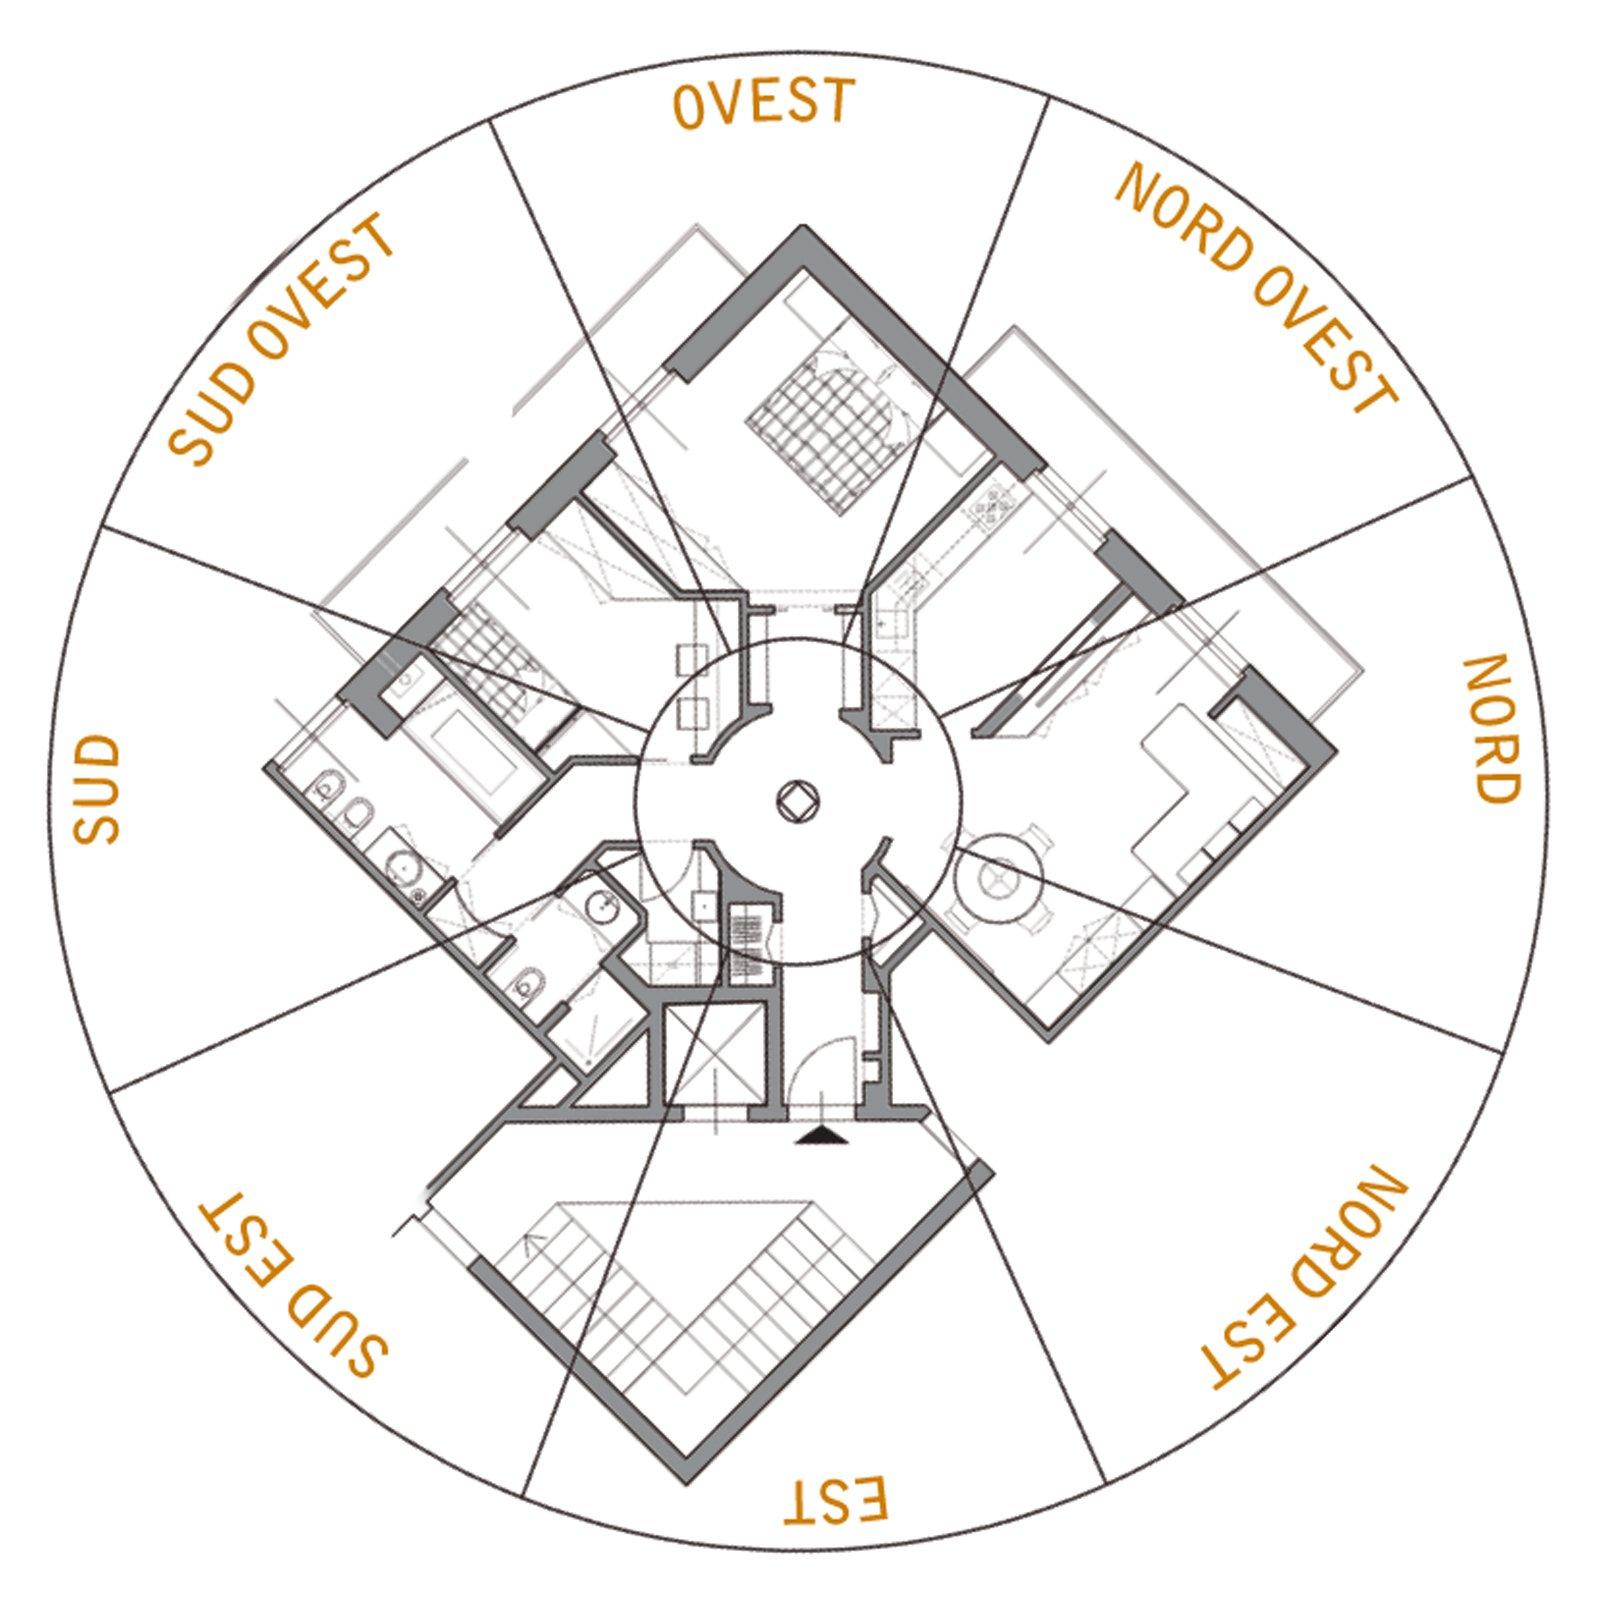 75 mq un trilocale pensato per il benessere cose di casa - Posizione letto feng shui ...